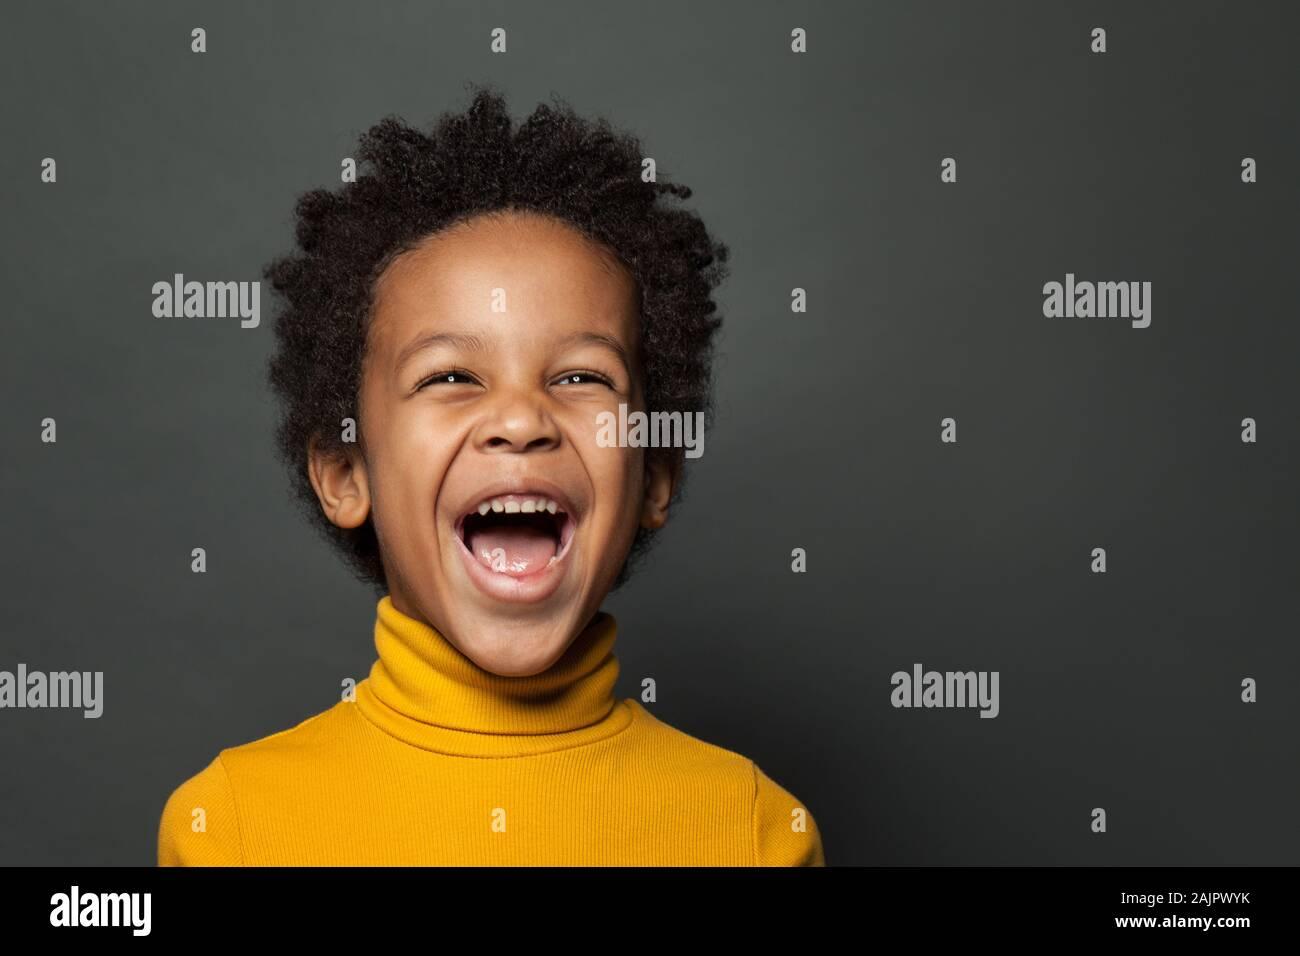 Petit garçon enfant noir de rire. Closeup portrait Banque D'Images